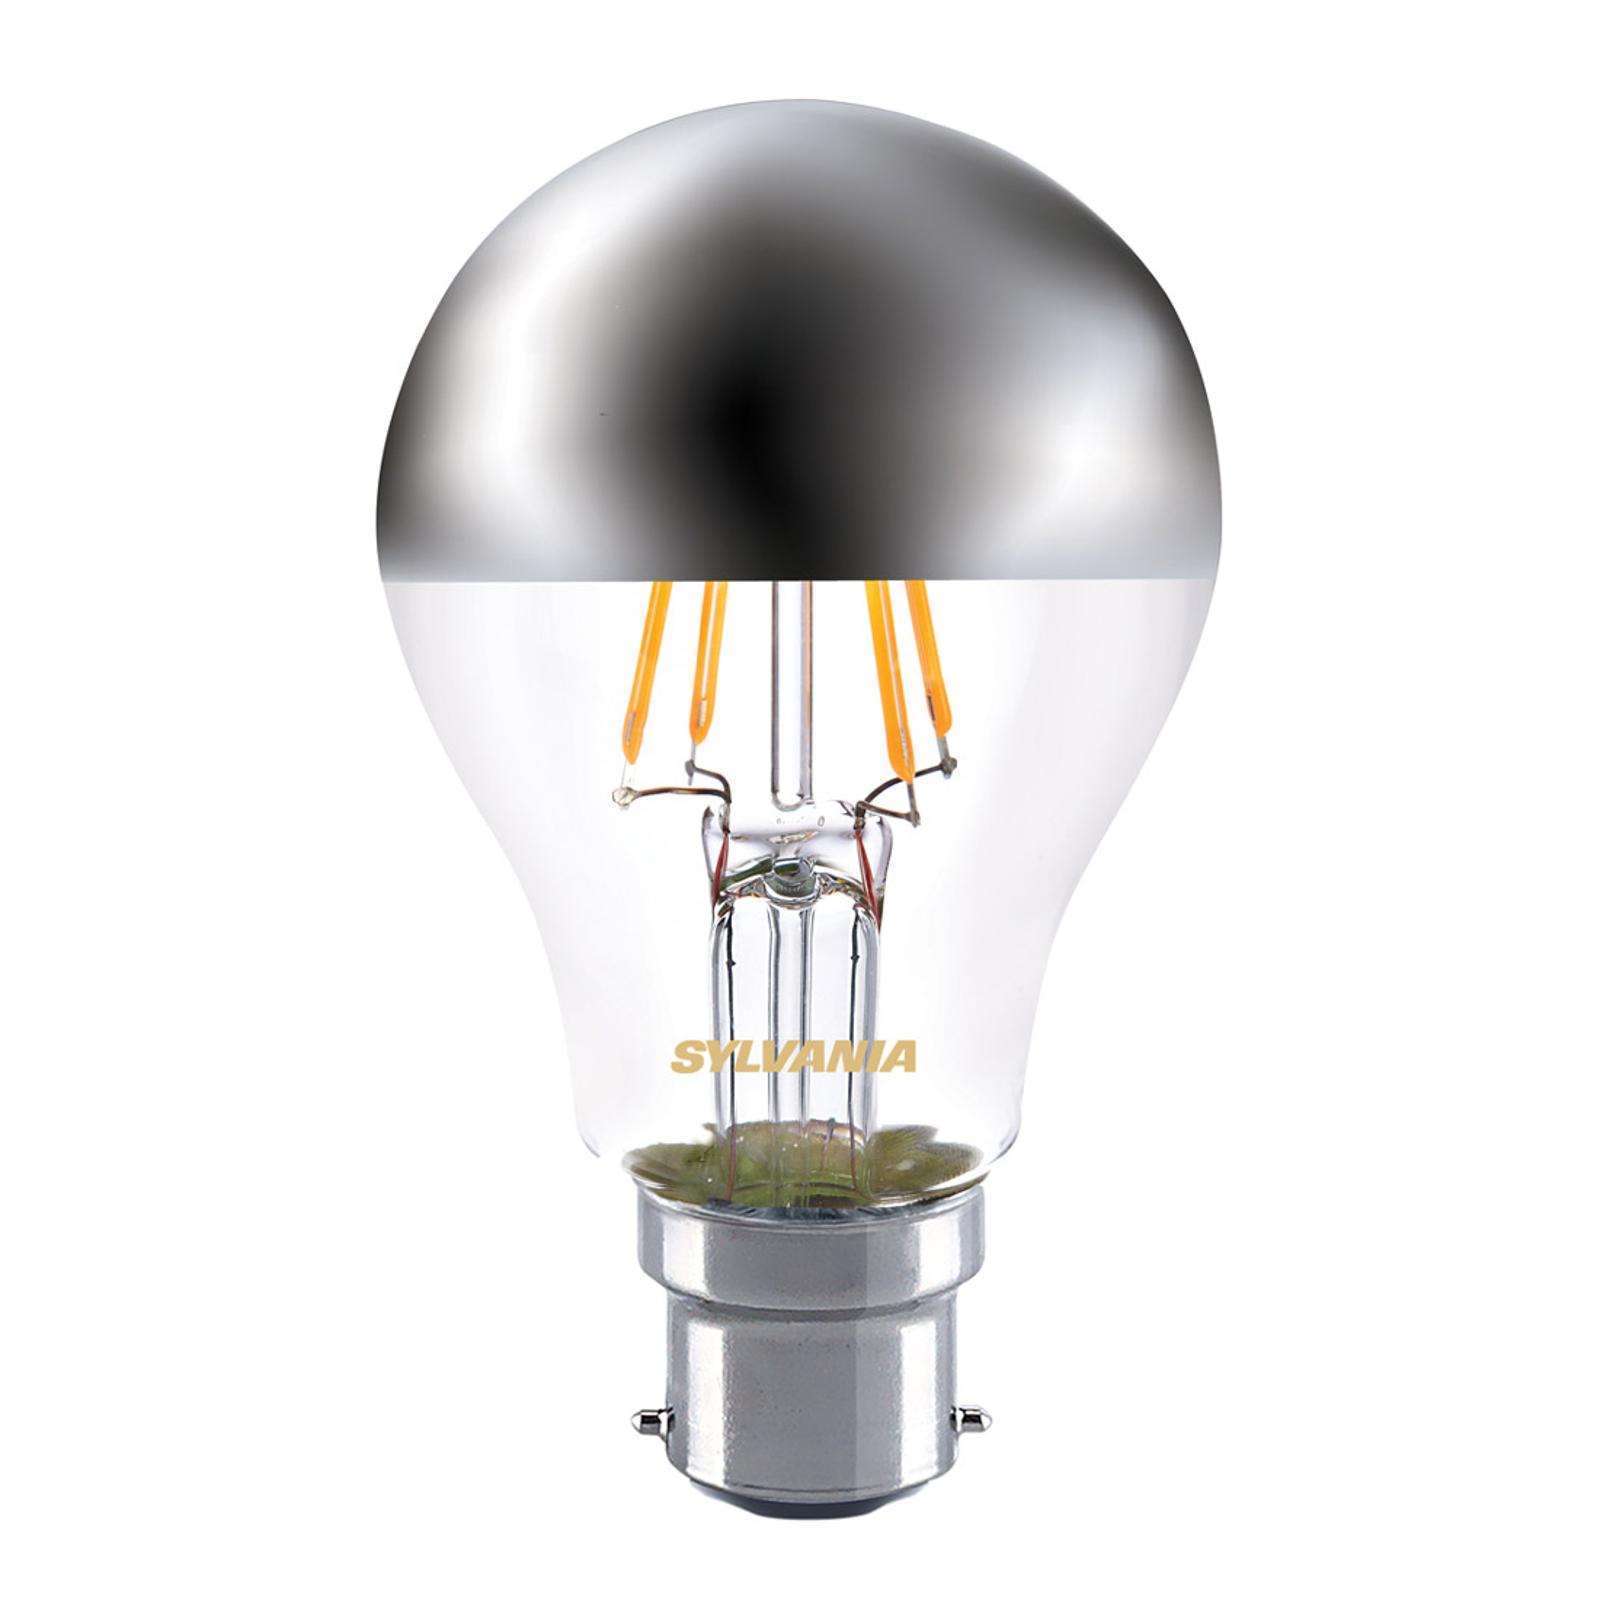 Lampadina LED con testa specchiata 827 B22 4W